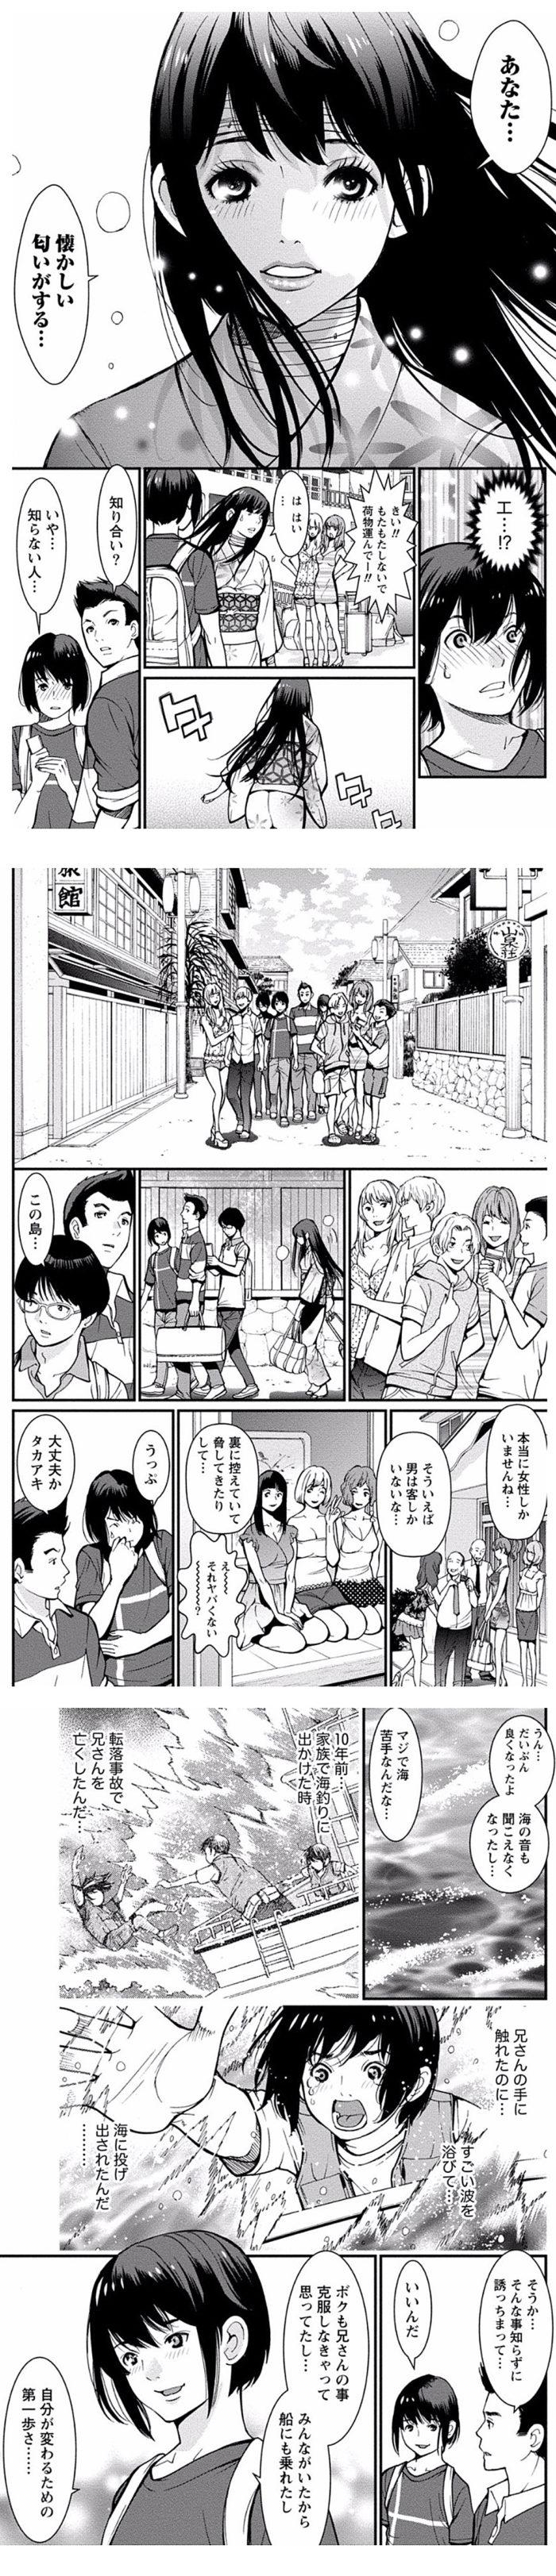 kibounoshima01-04-2